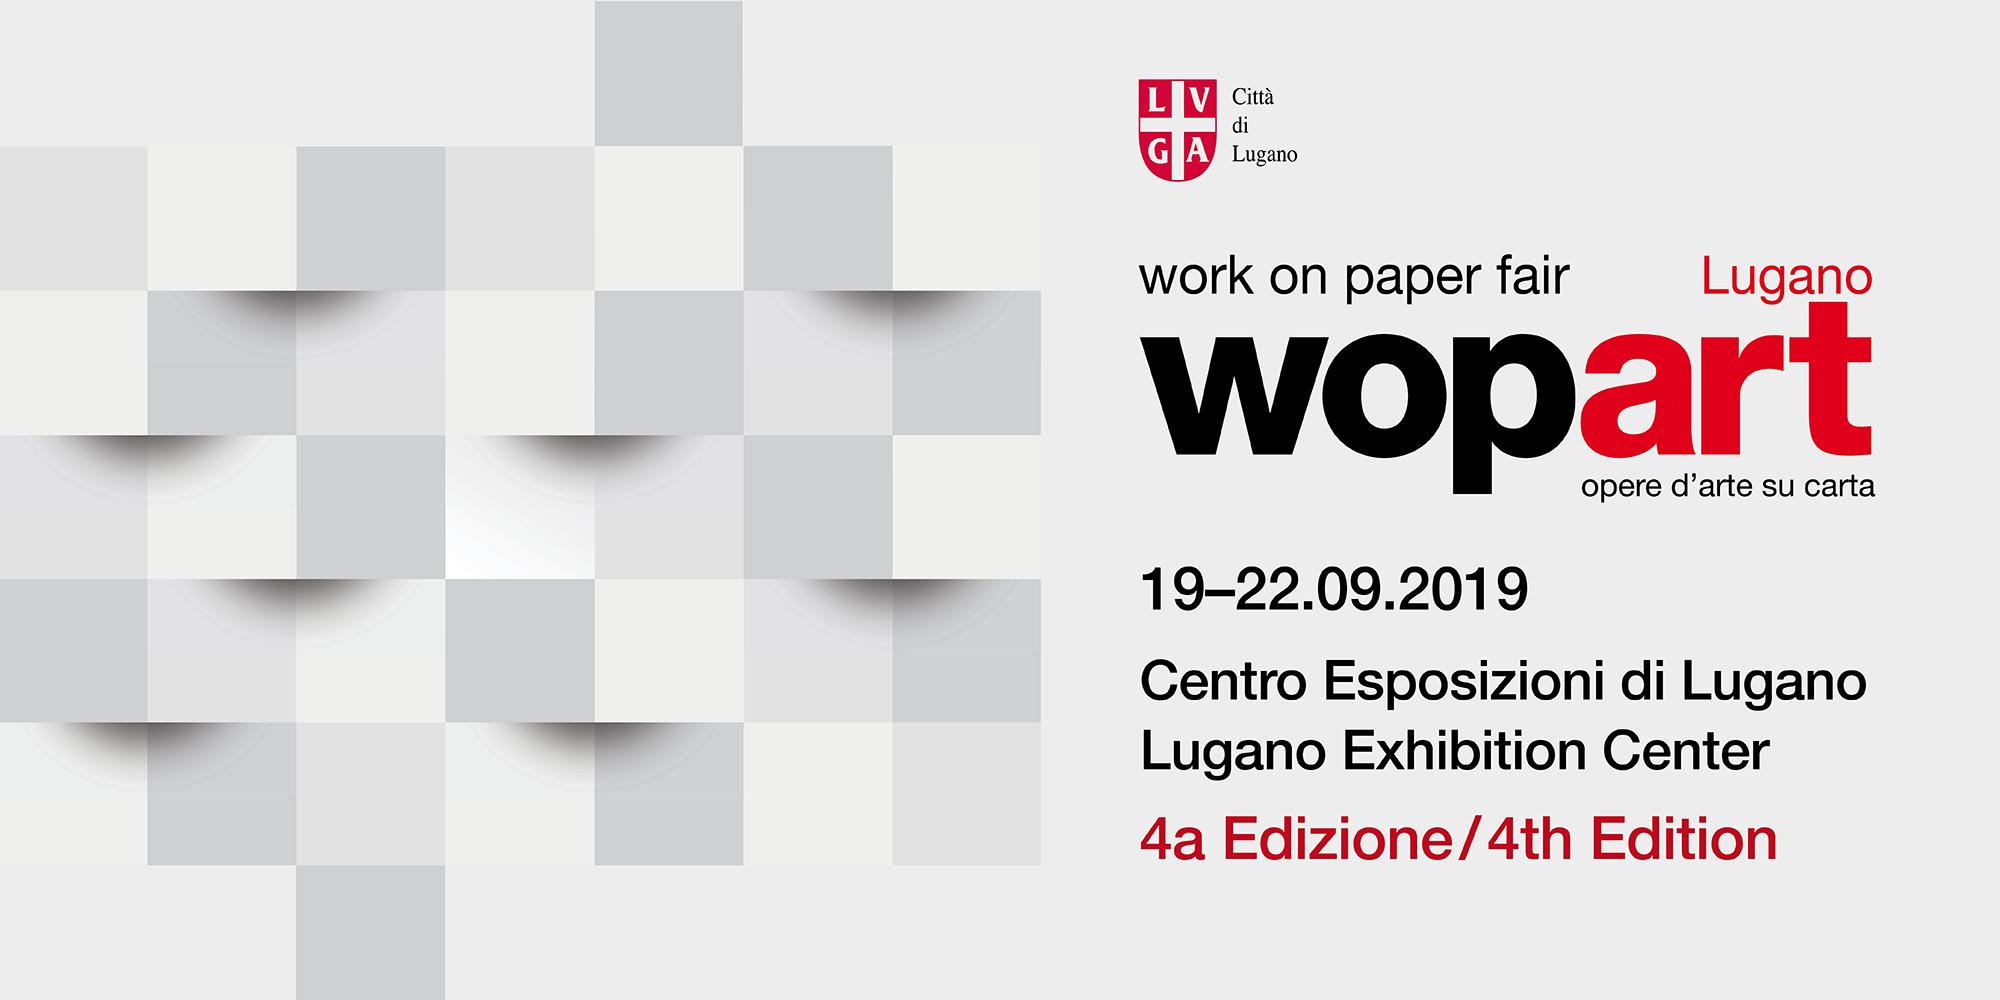 Accordo tra WopArt e BolognaFiere, al via collaborazione tra la fiera di Lugano e il gruppo emiliano